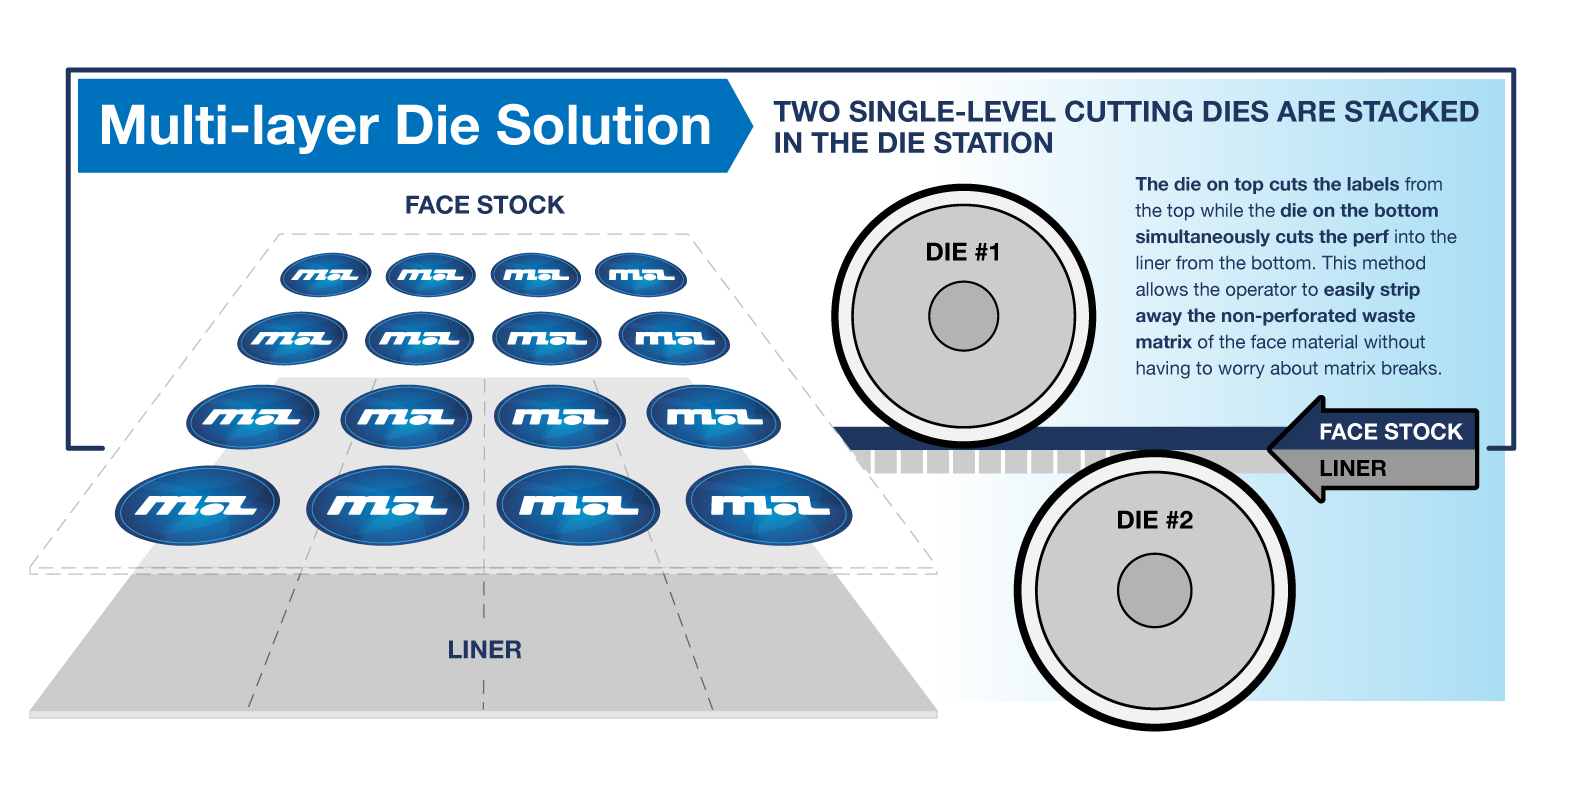 Die-cut-info_1